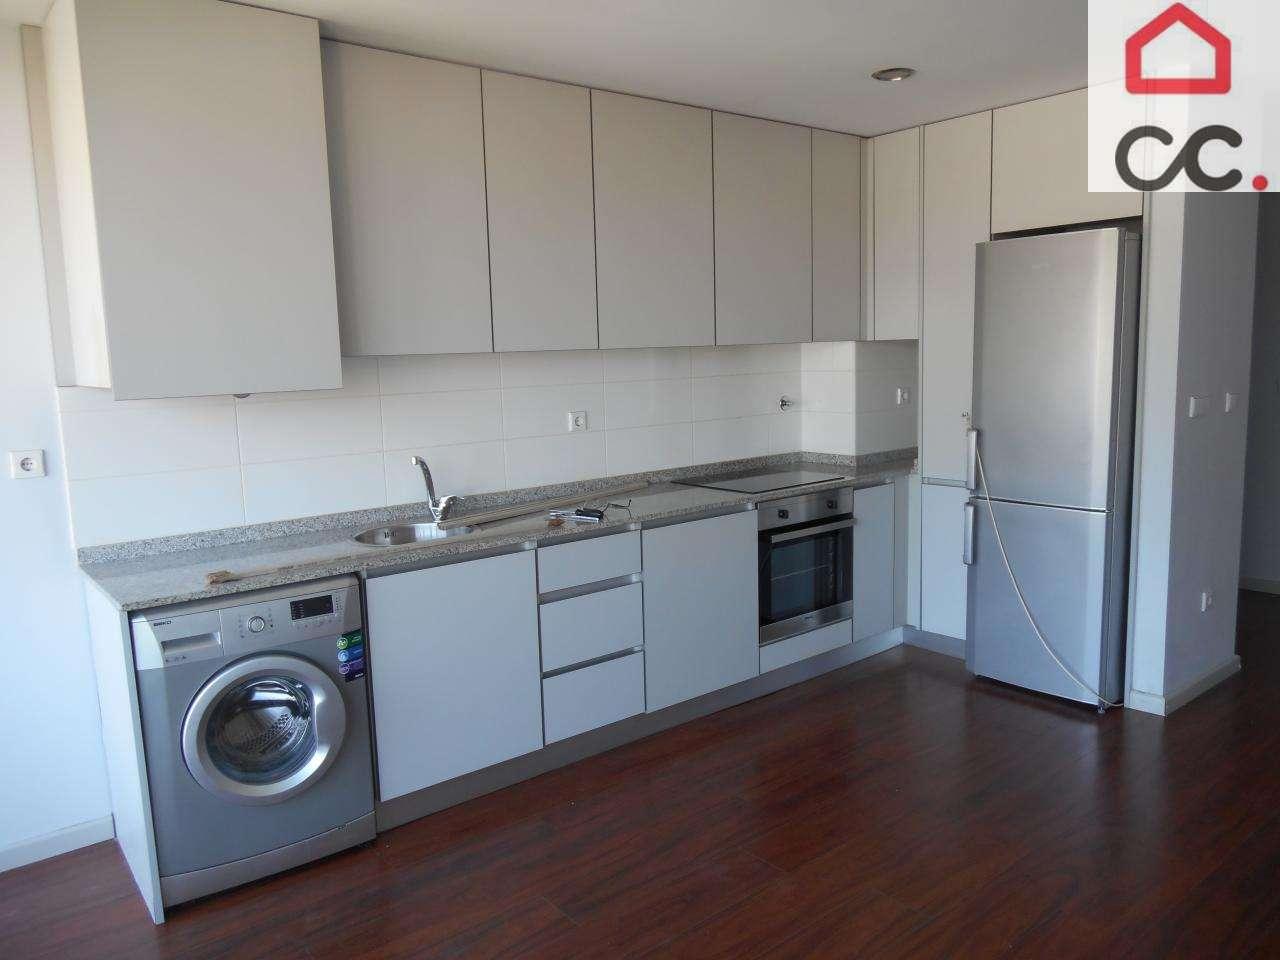 Apartamento para comprar, Valença, Cristelo Covo e Arão, Viana do Castelo - Foto 1